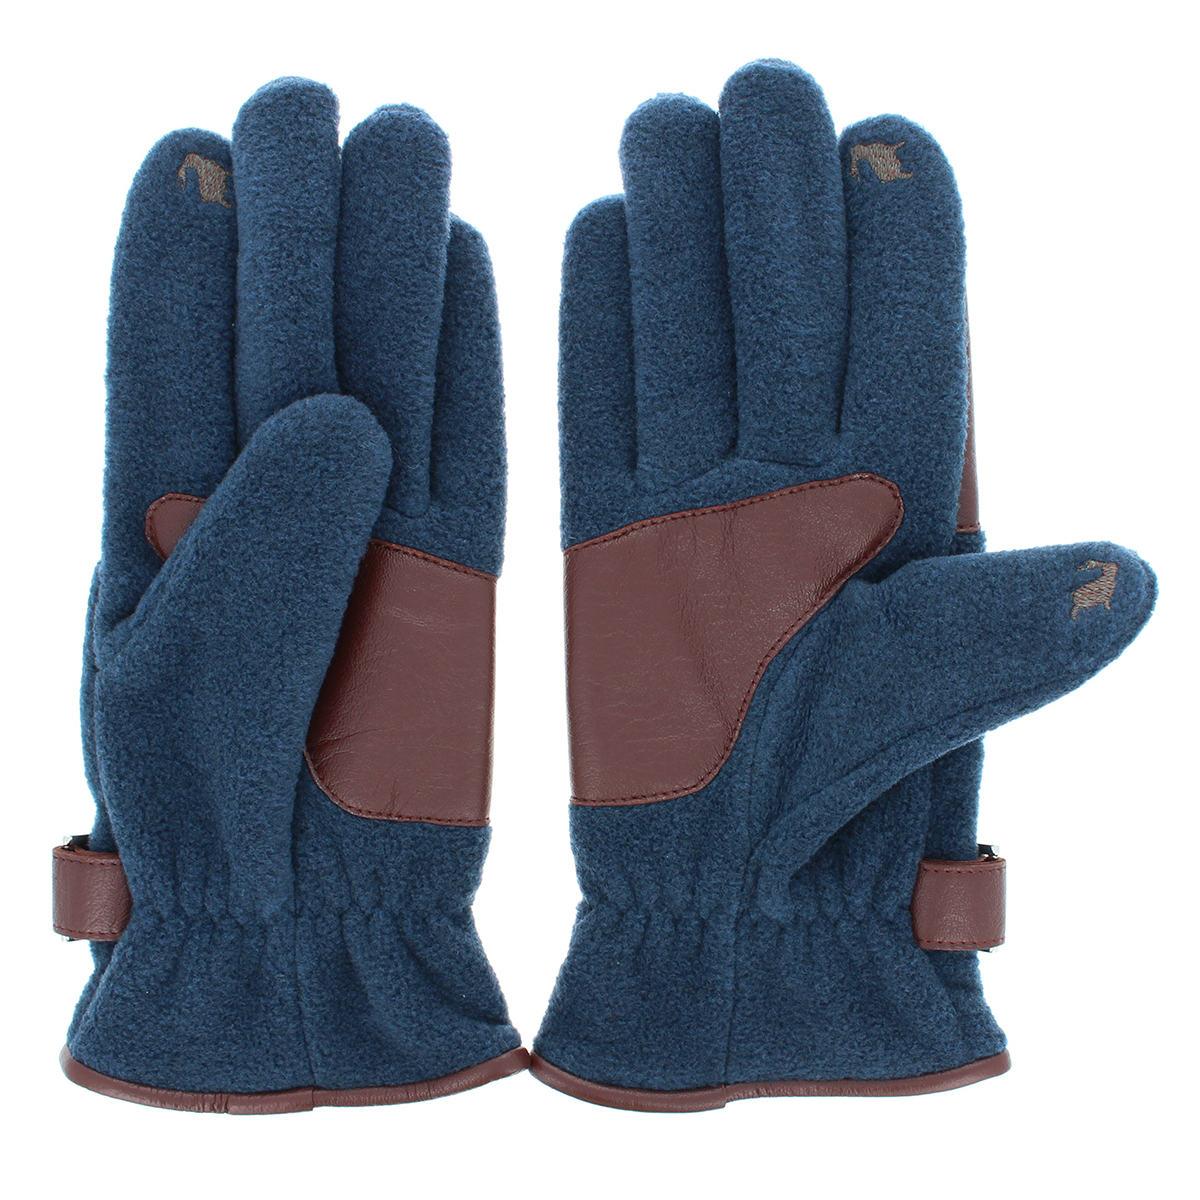 オロビアンコ ベルトデザイン メンズ フリース ジャージ手袋 タッチパネル対応 革パッチすべり止め付